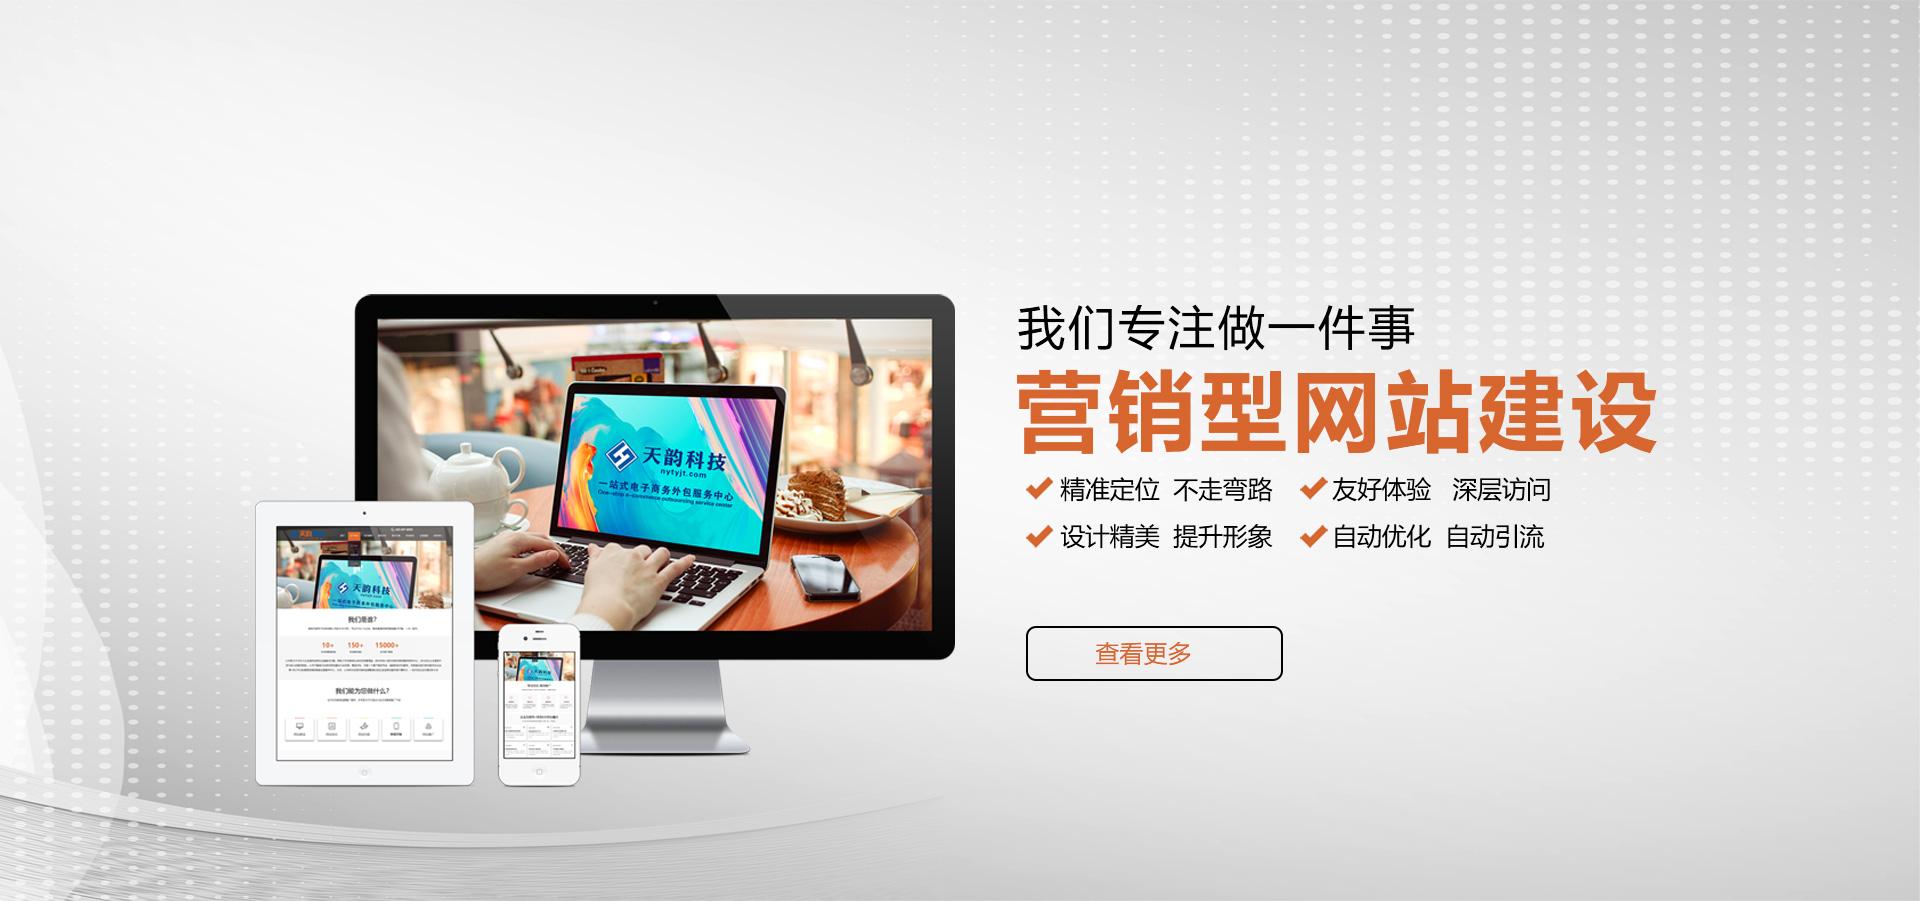 南陽網絡公司